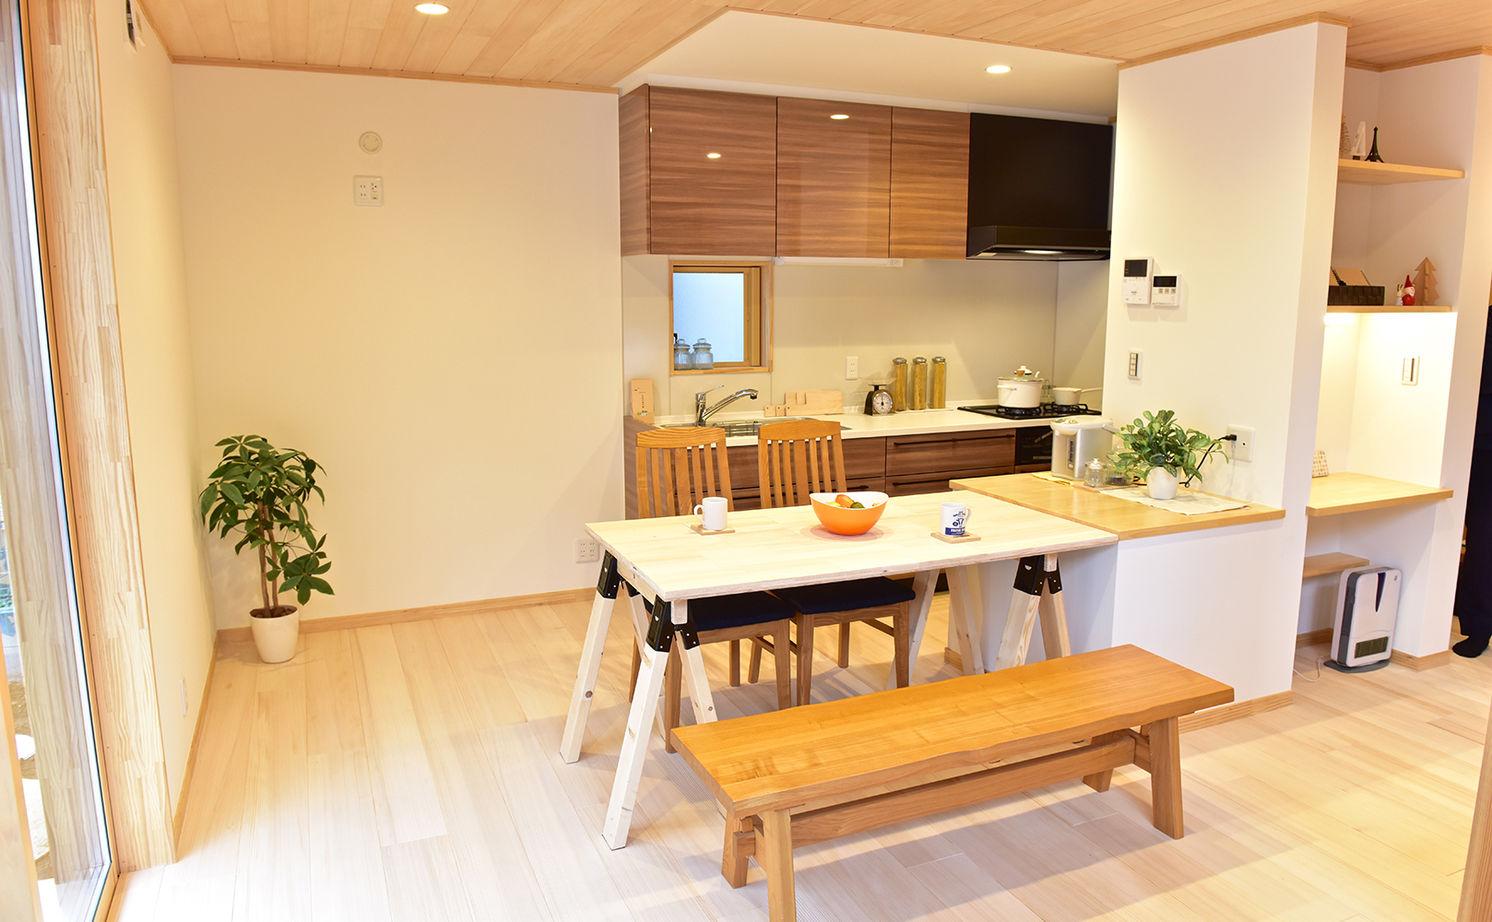 【本体価格2300万円】「もみの木」の家で自然素材の心地よさを実感。便利な生活動線にも大満足の住まい画像2